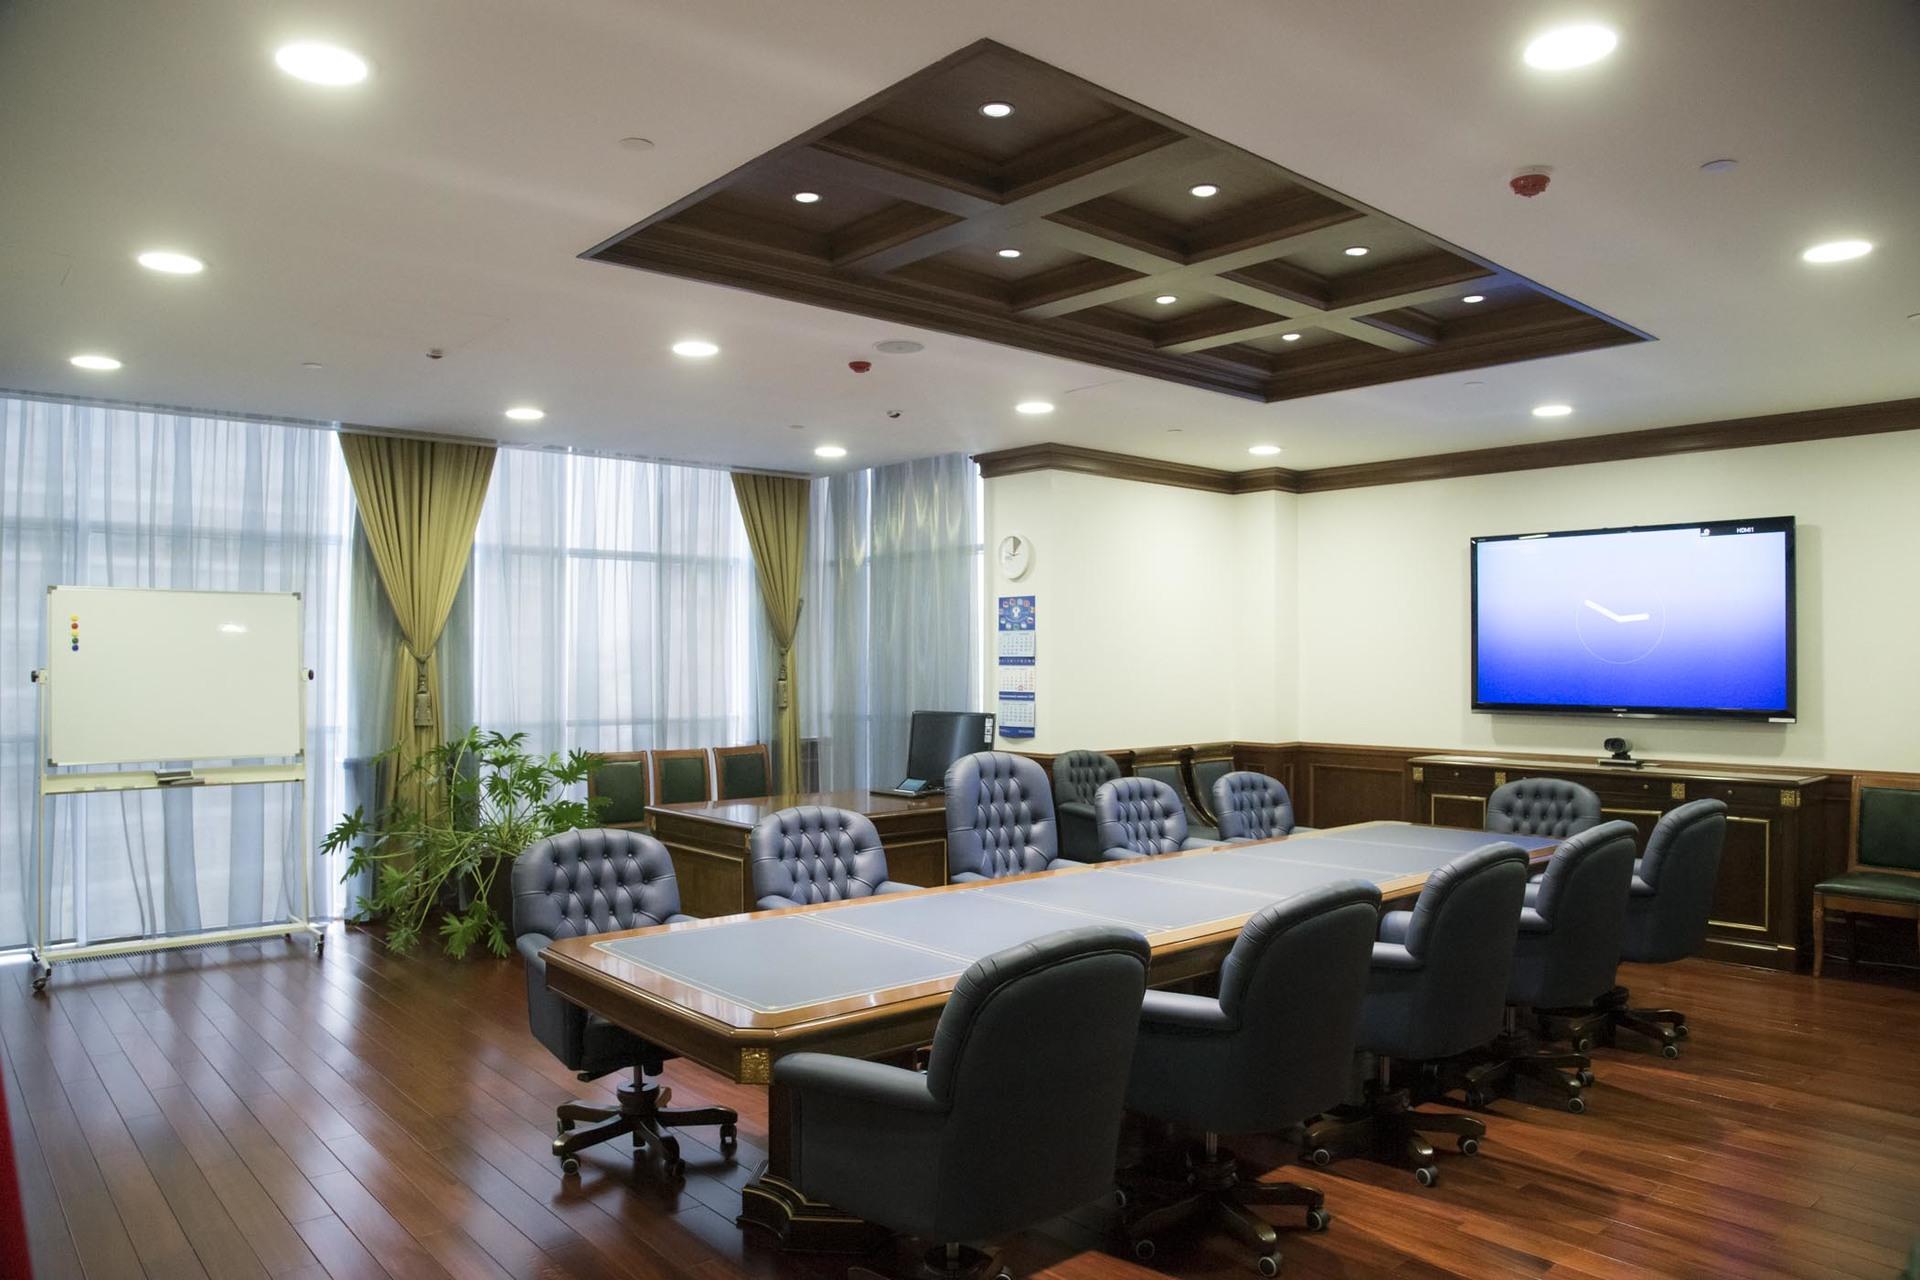 Видеоконференцсвязь для одной государственной организации: почему нужны аппаратные решения - 3